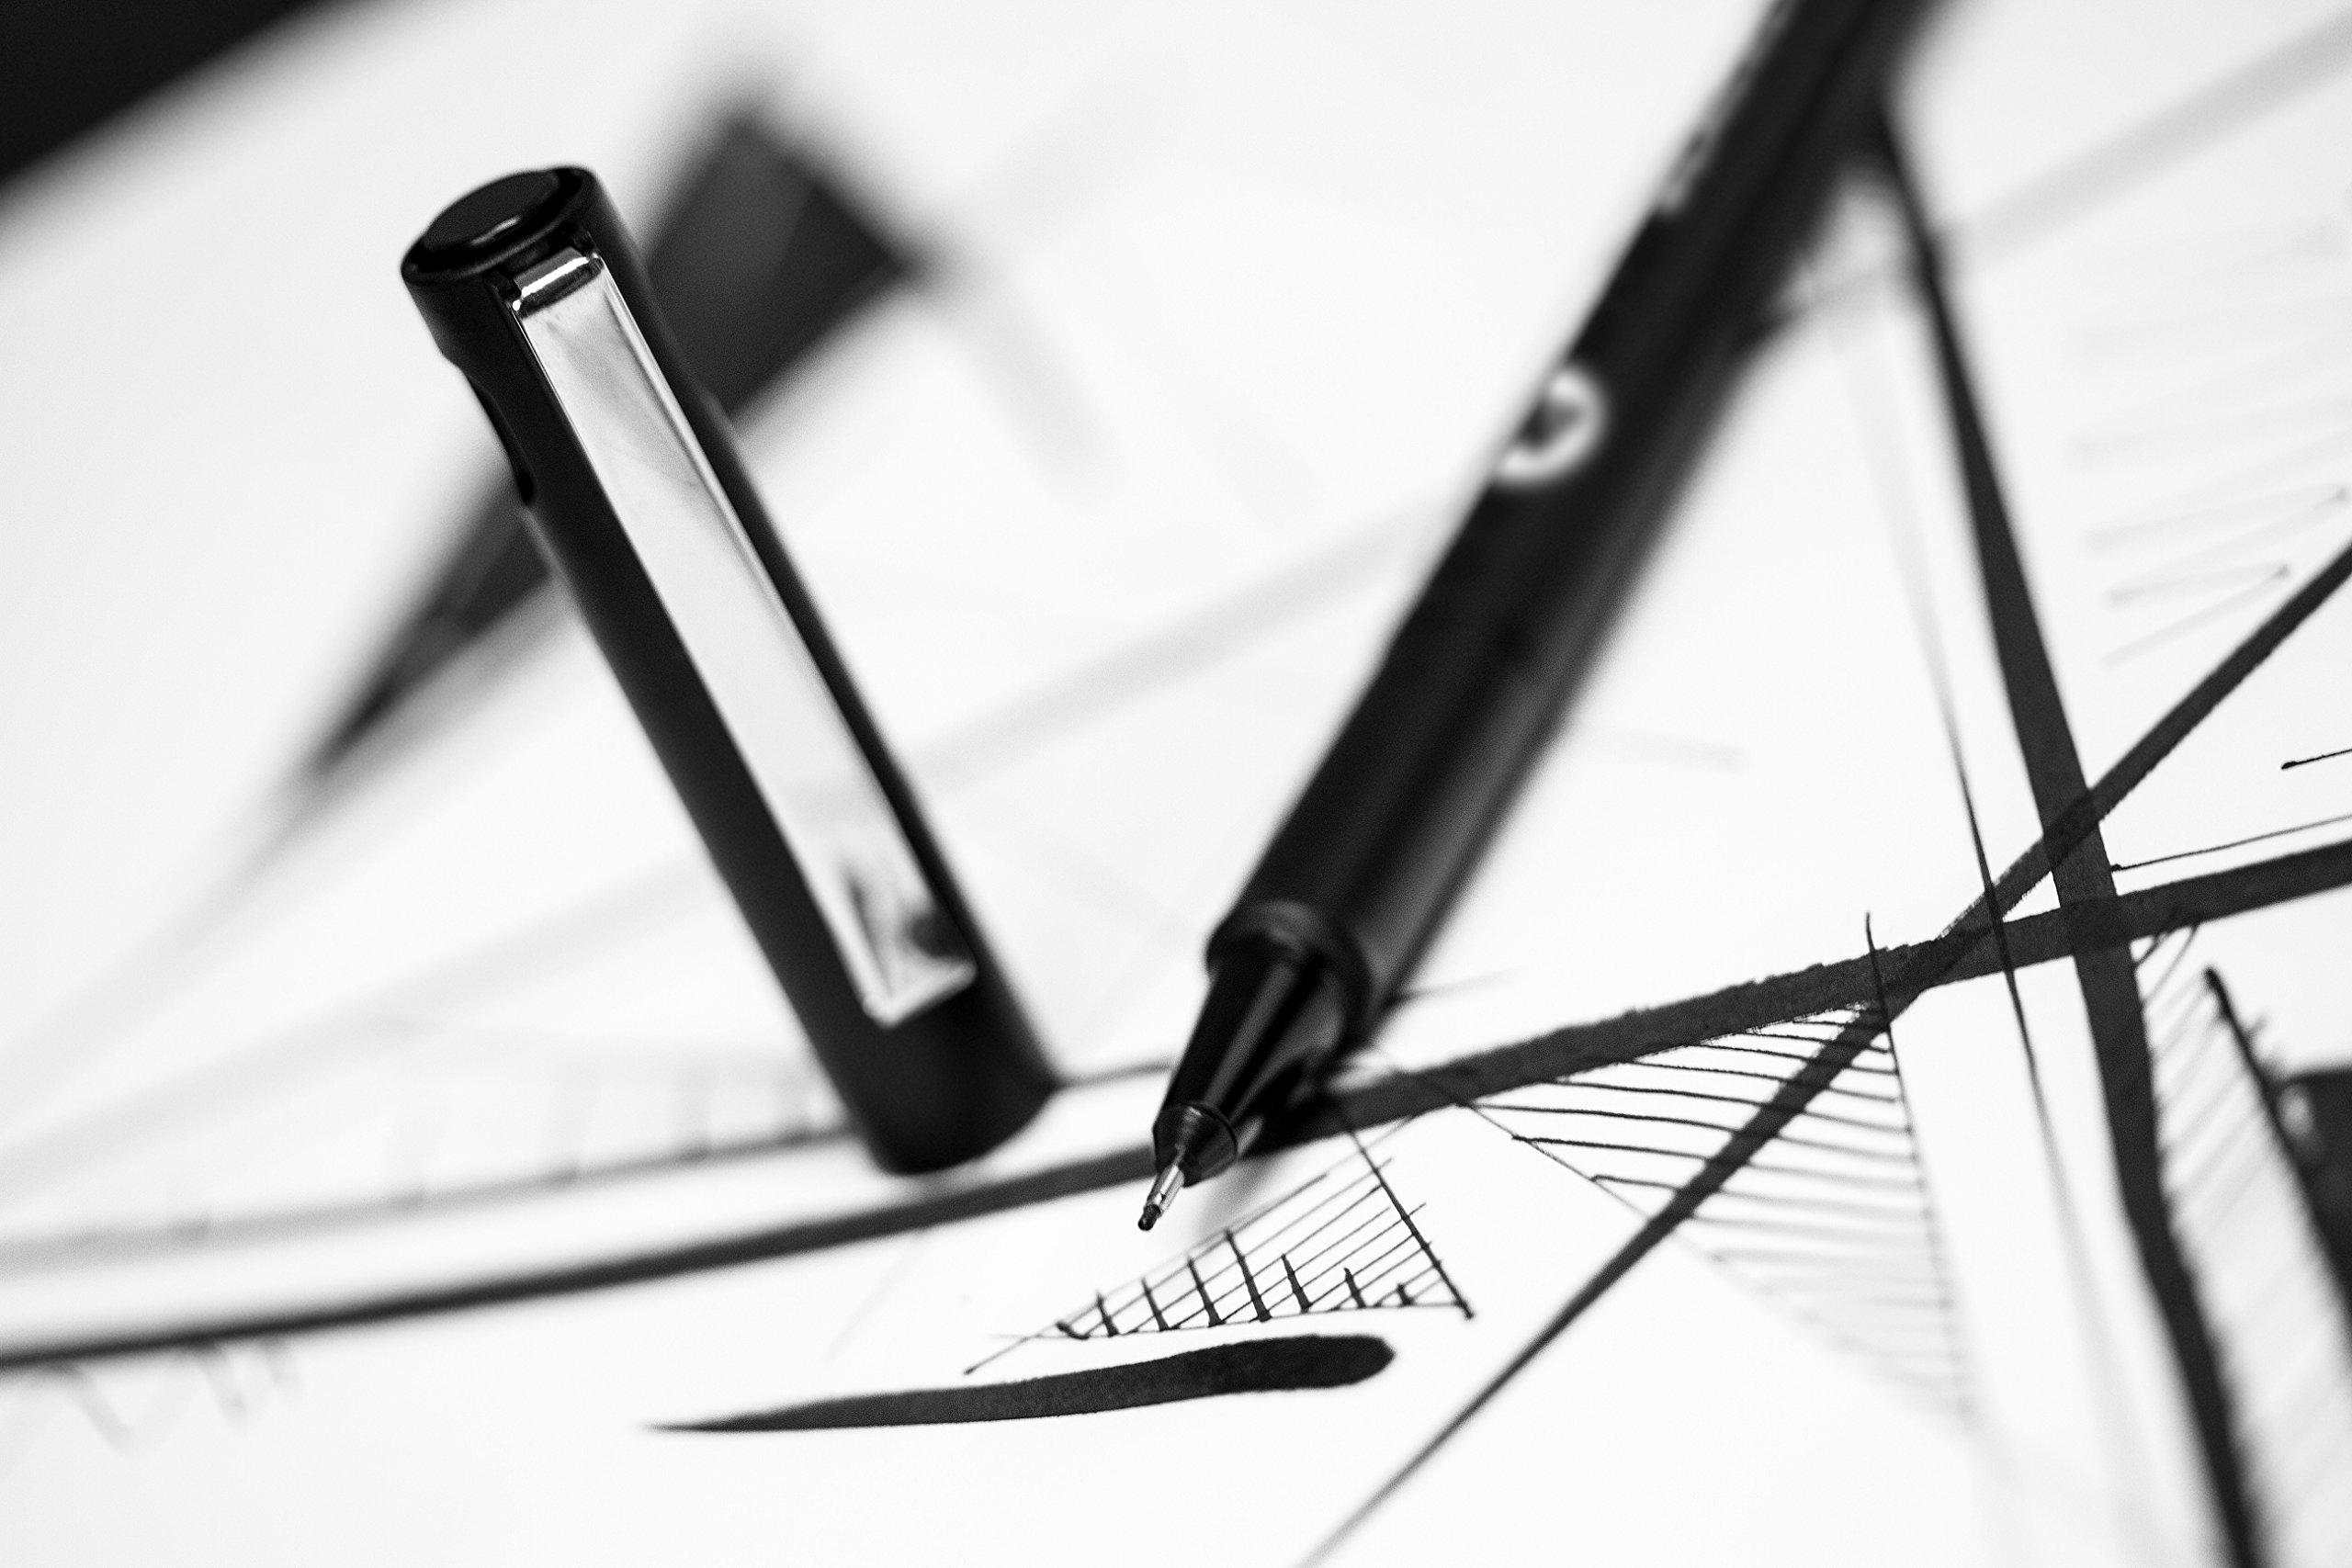 Molotow Blackliner Pen Complete Set, 11 Pens, 1 Set Each (200.485) by Molotow (Image #7)